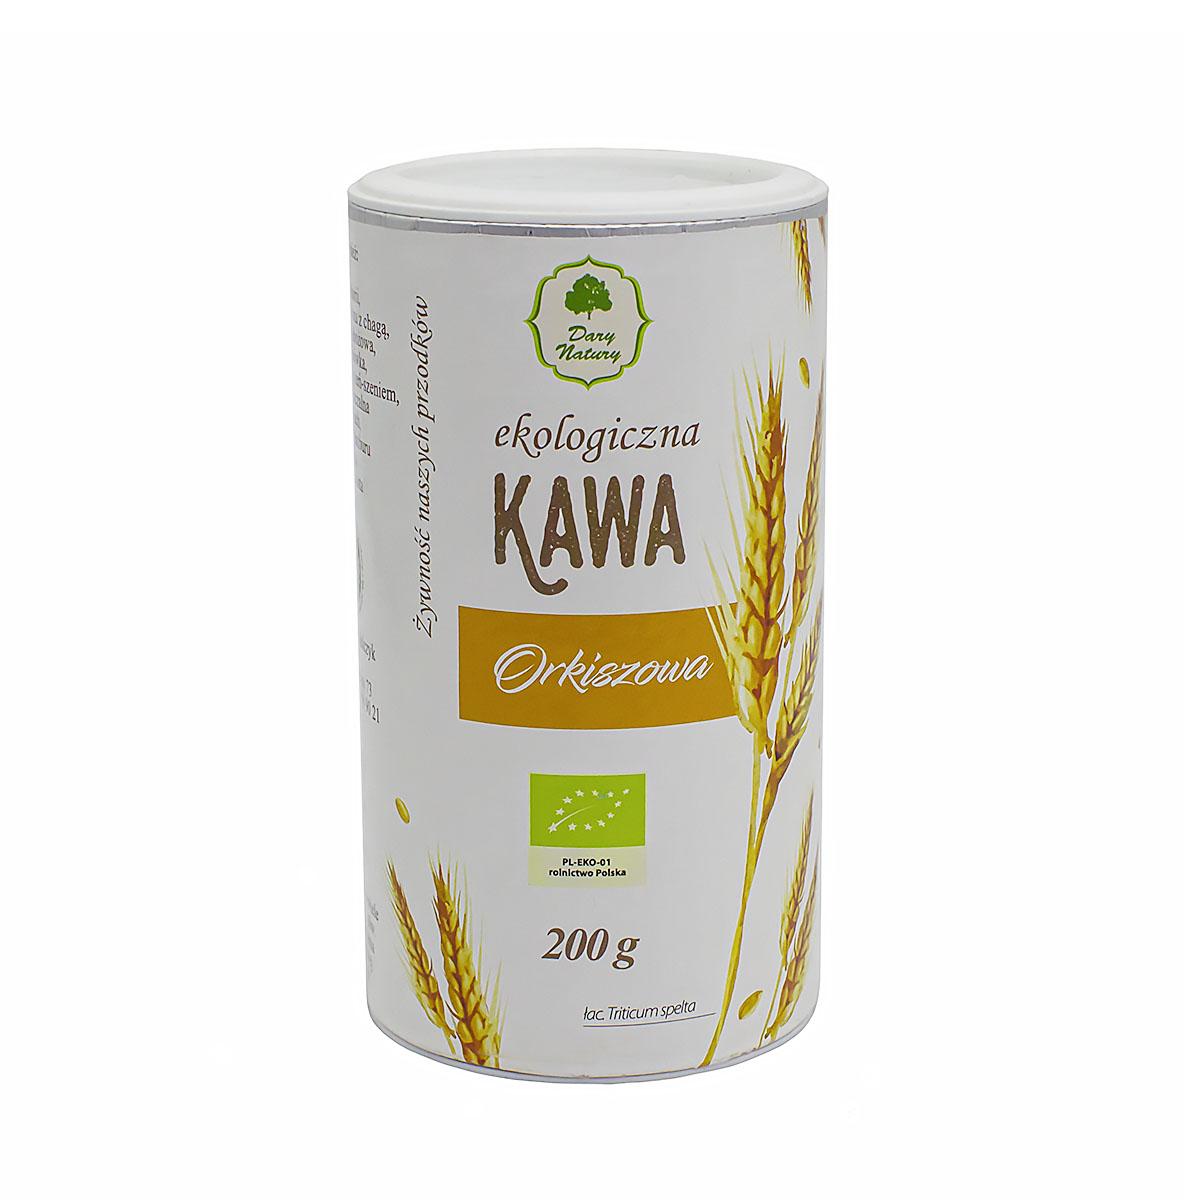 ЭКО-напиток Kawa из жареных семян пшеницы, туба, 200 г цена в Москве и Питере